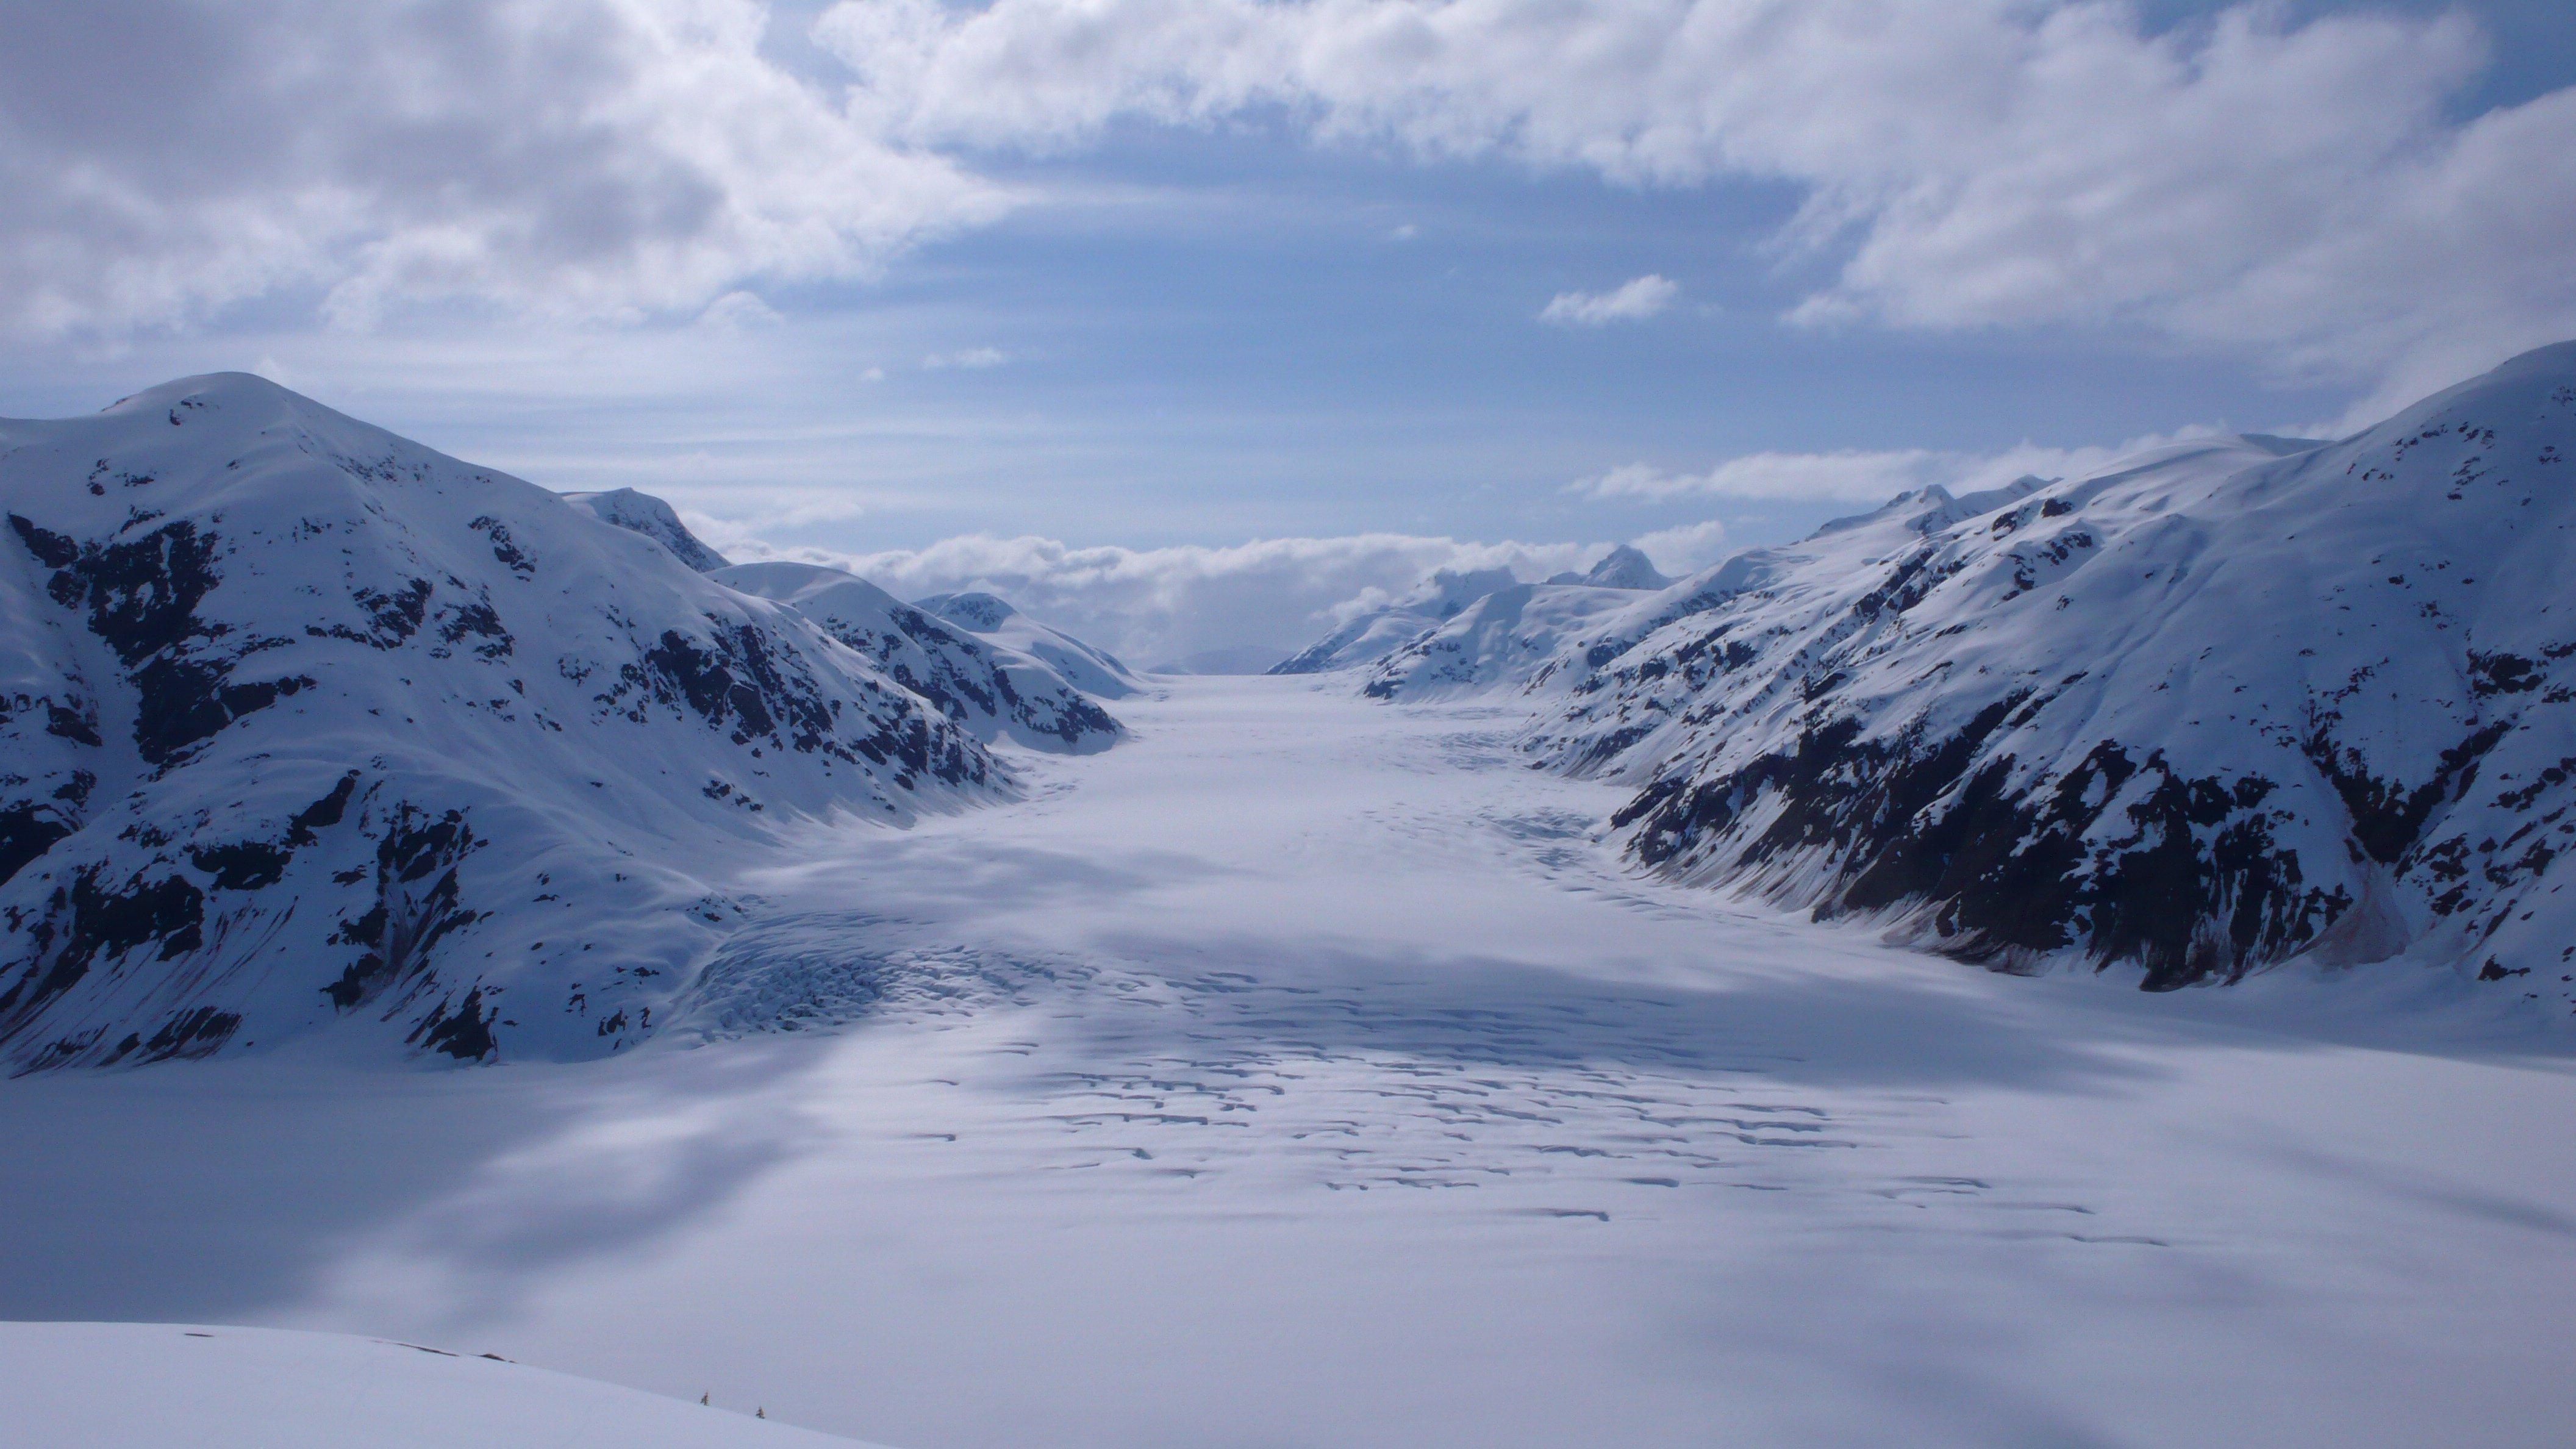 โลกหลากมิติ - ณ จุดหนึ่งบนพื้นพิภพ ตอน อะแลสกา